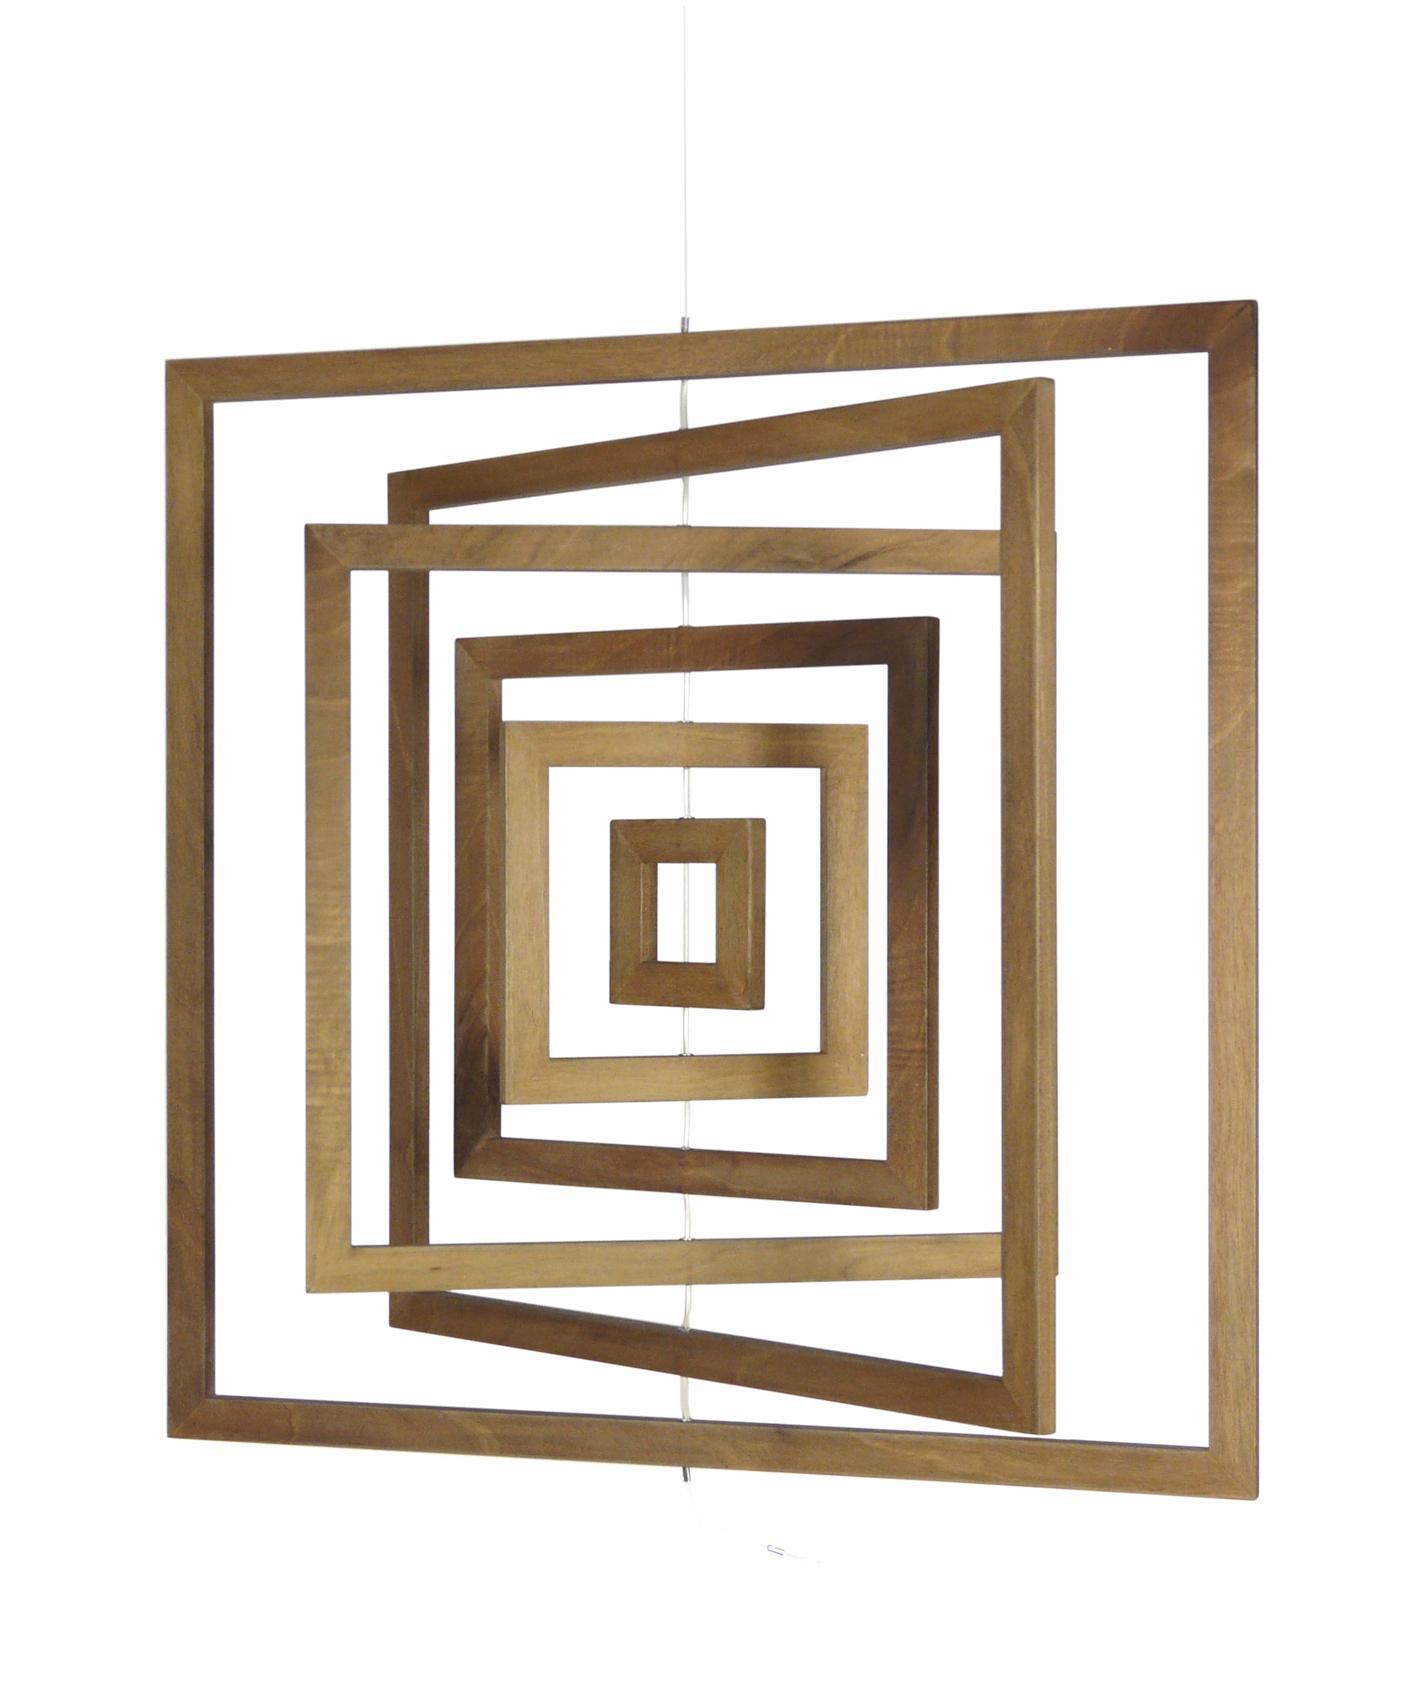 ENNIO-LUDOVICO-CHIGGIO-Quadrati-spaziali-1961-struttura-di-legno-cavo-di-poliestere-distanziatori-di-gomma-48x48x1-cm